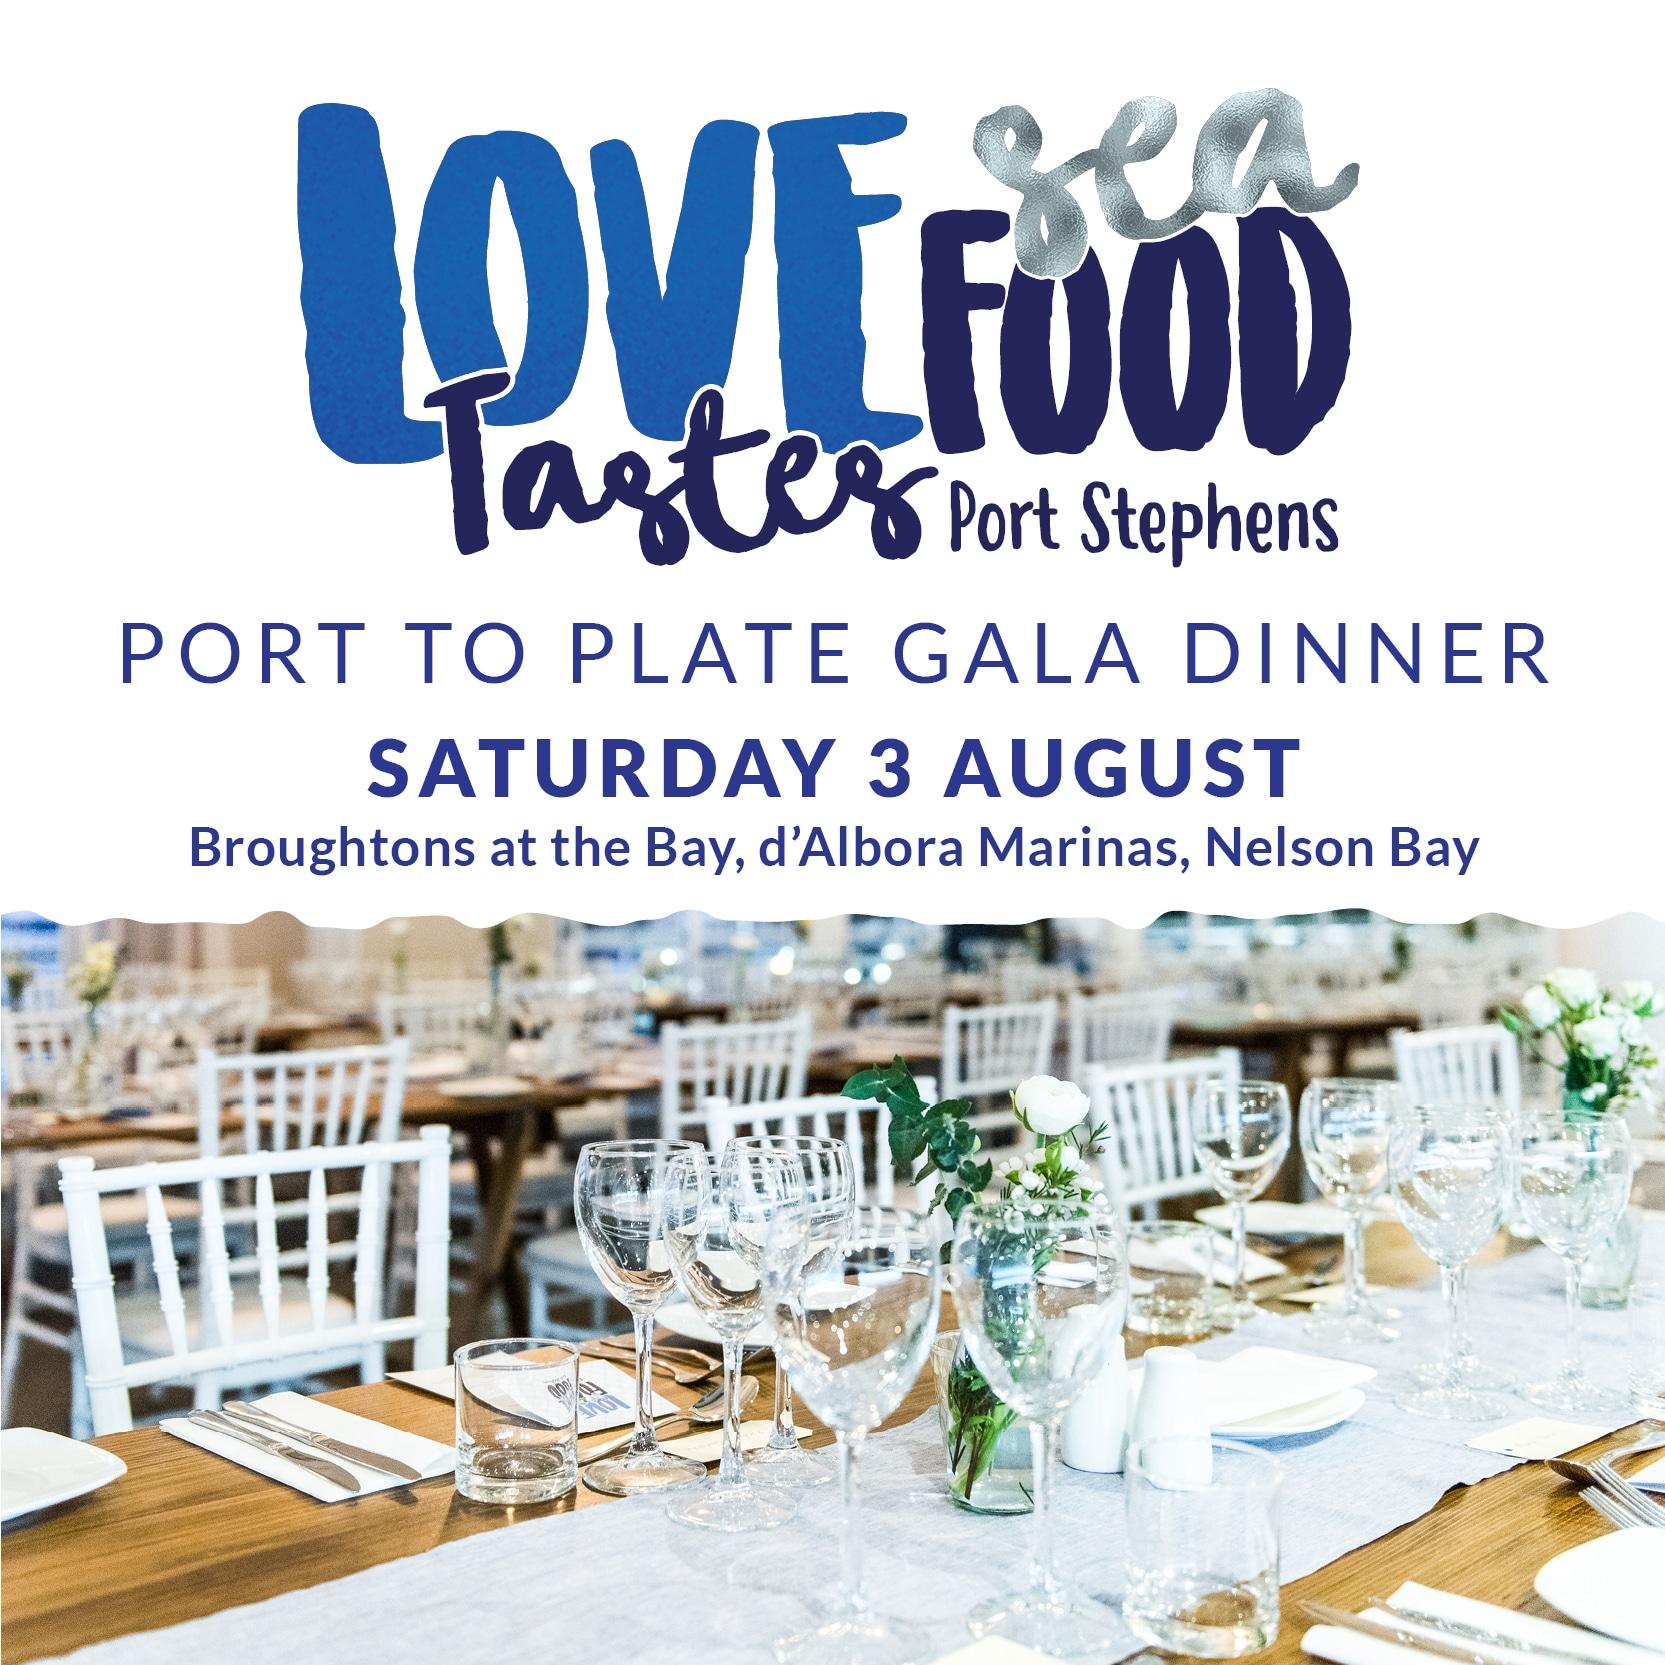 Love-Sea-Food-Tastes-2019-Social-Media-Gala-dinner-TILES2